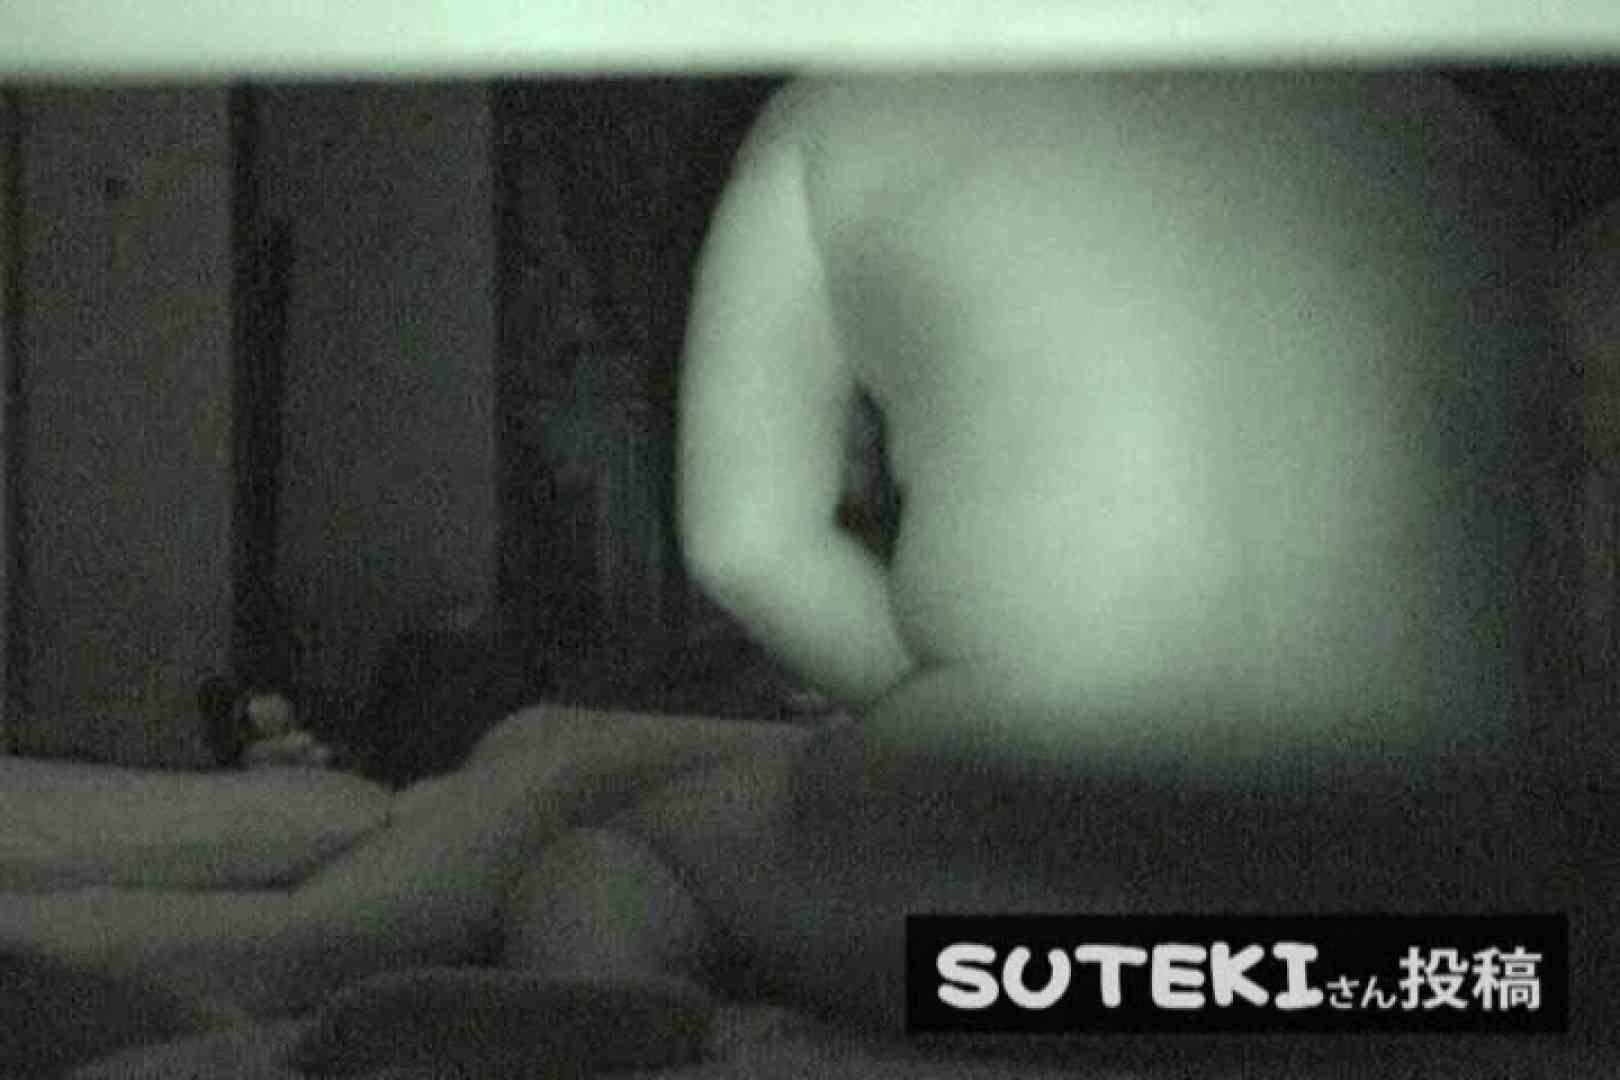 SUTEKIさん投稿 ナイトショット 盗撮大放出 盗み撮り動画 93連発 43